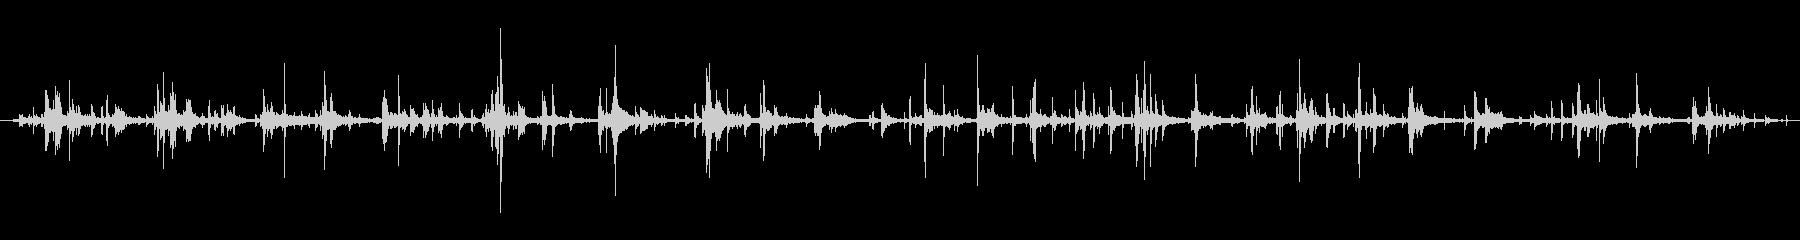 ハーネス ウォークシーケンス02の未再生の波形